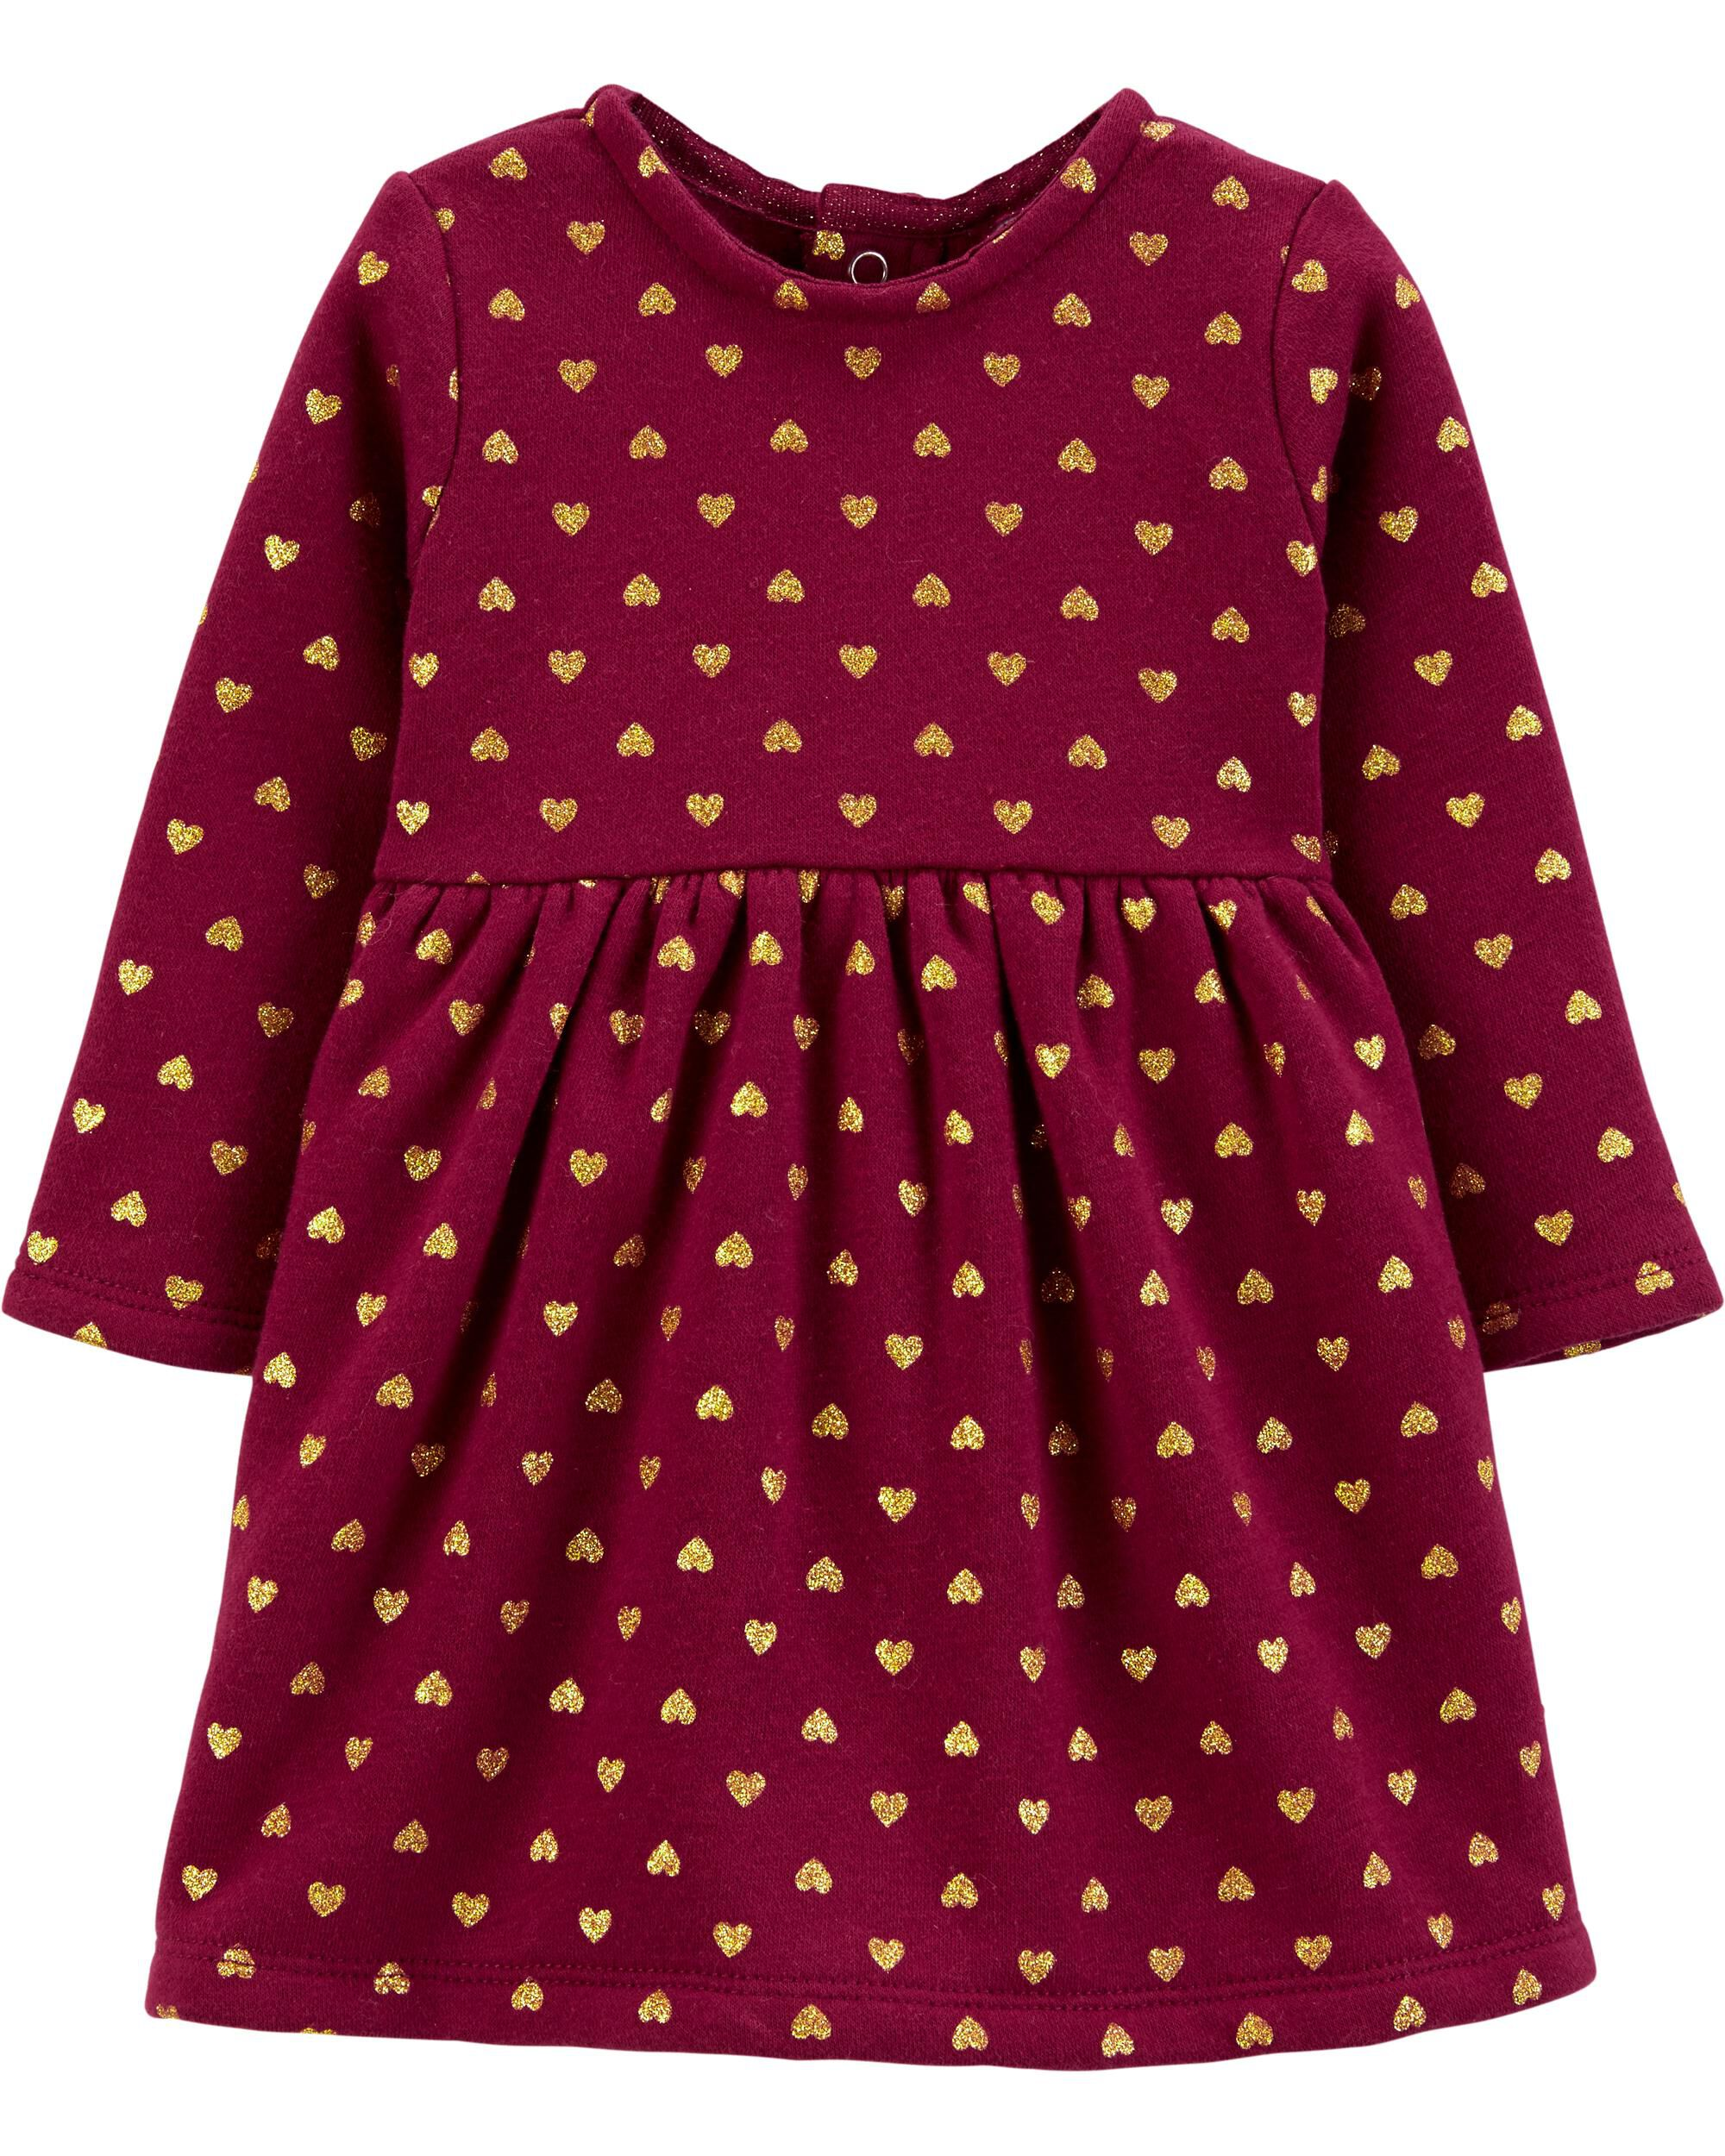 *CLEARANCE* Glitter Heart Fleece Holiday Dress